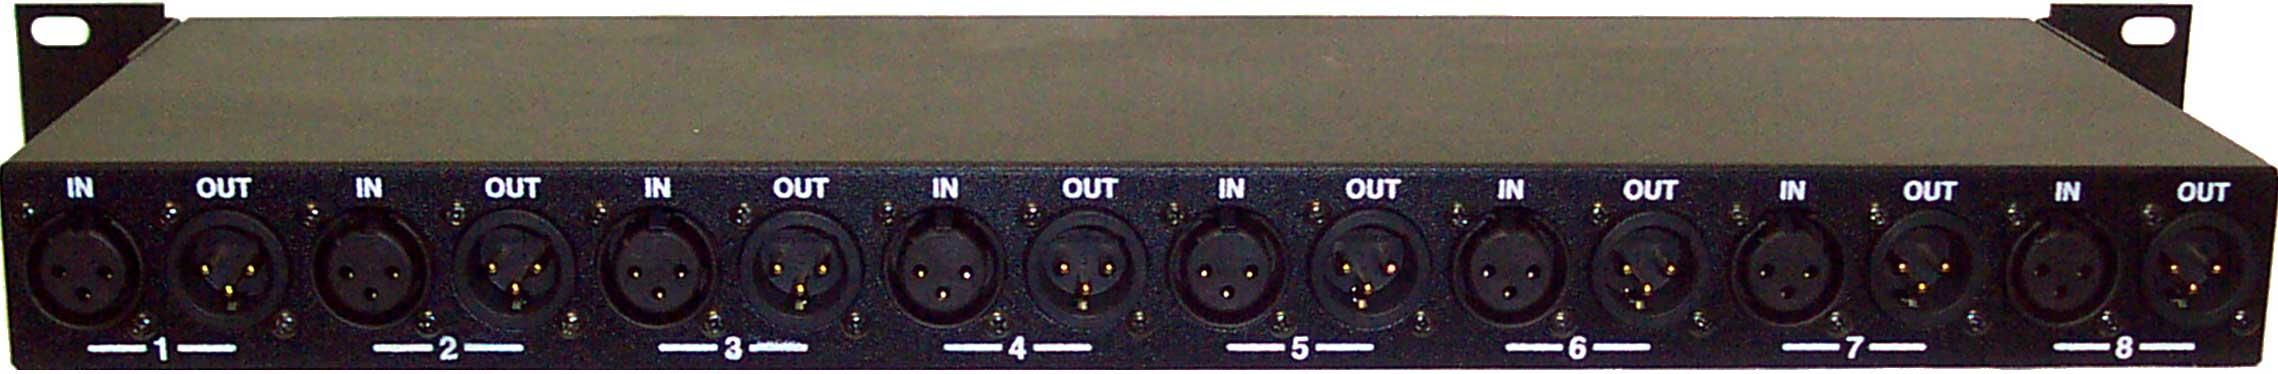 Hum Eliminator, 8 Channel, Rackmount, XLR Connectors